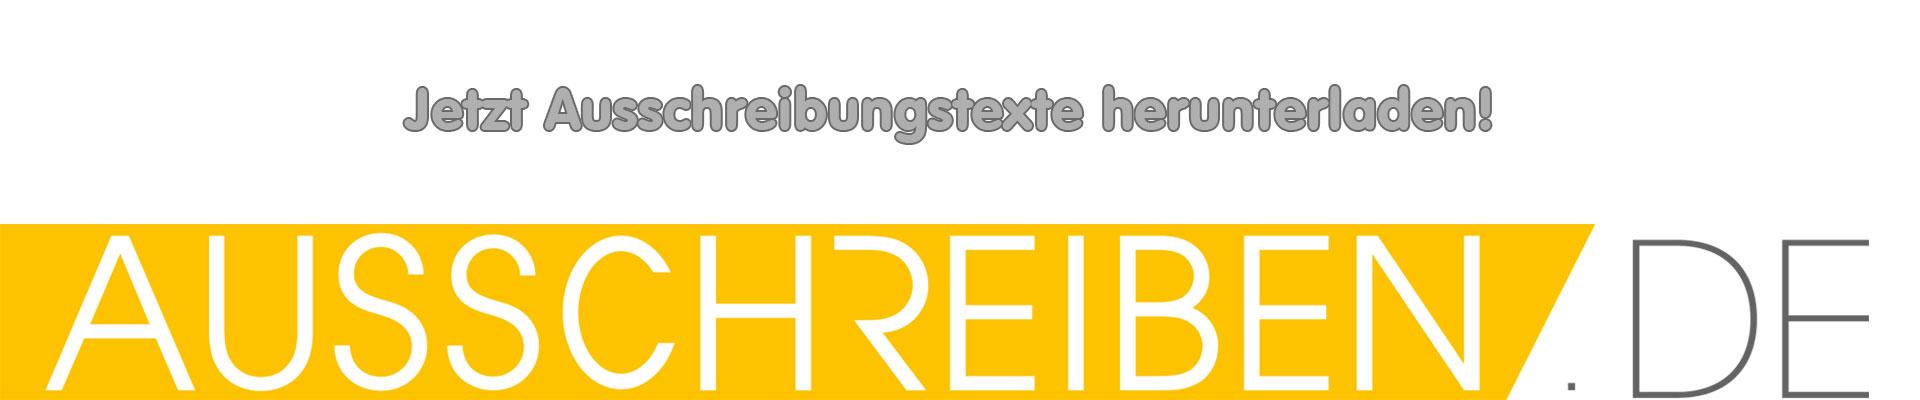 AUSSCHREIBEN.DE Banner